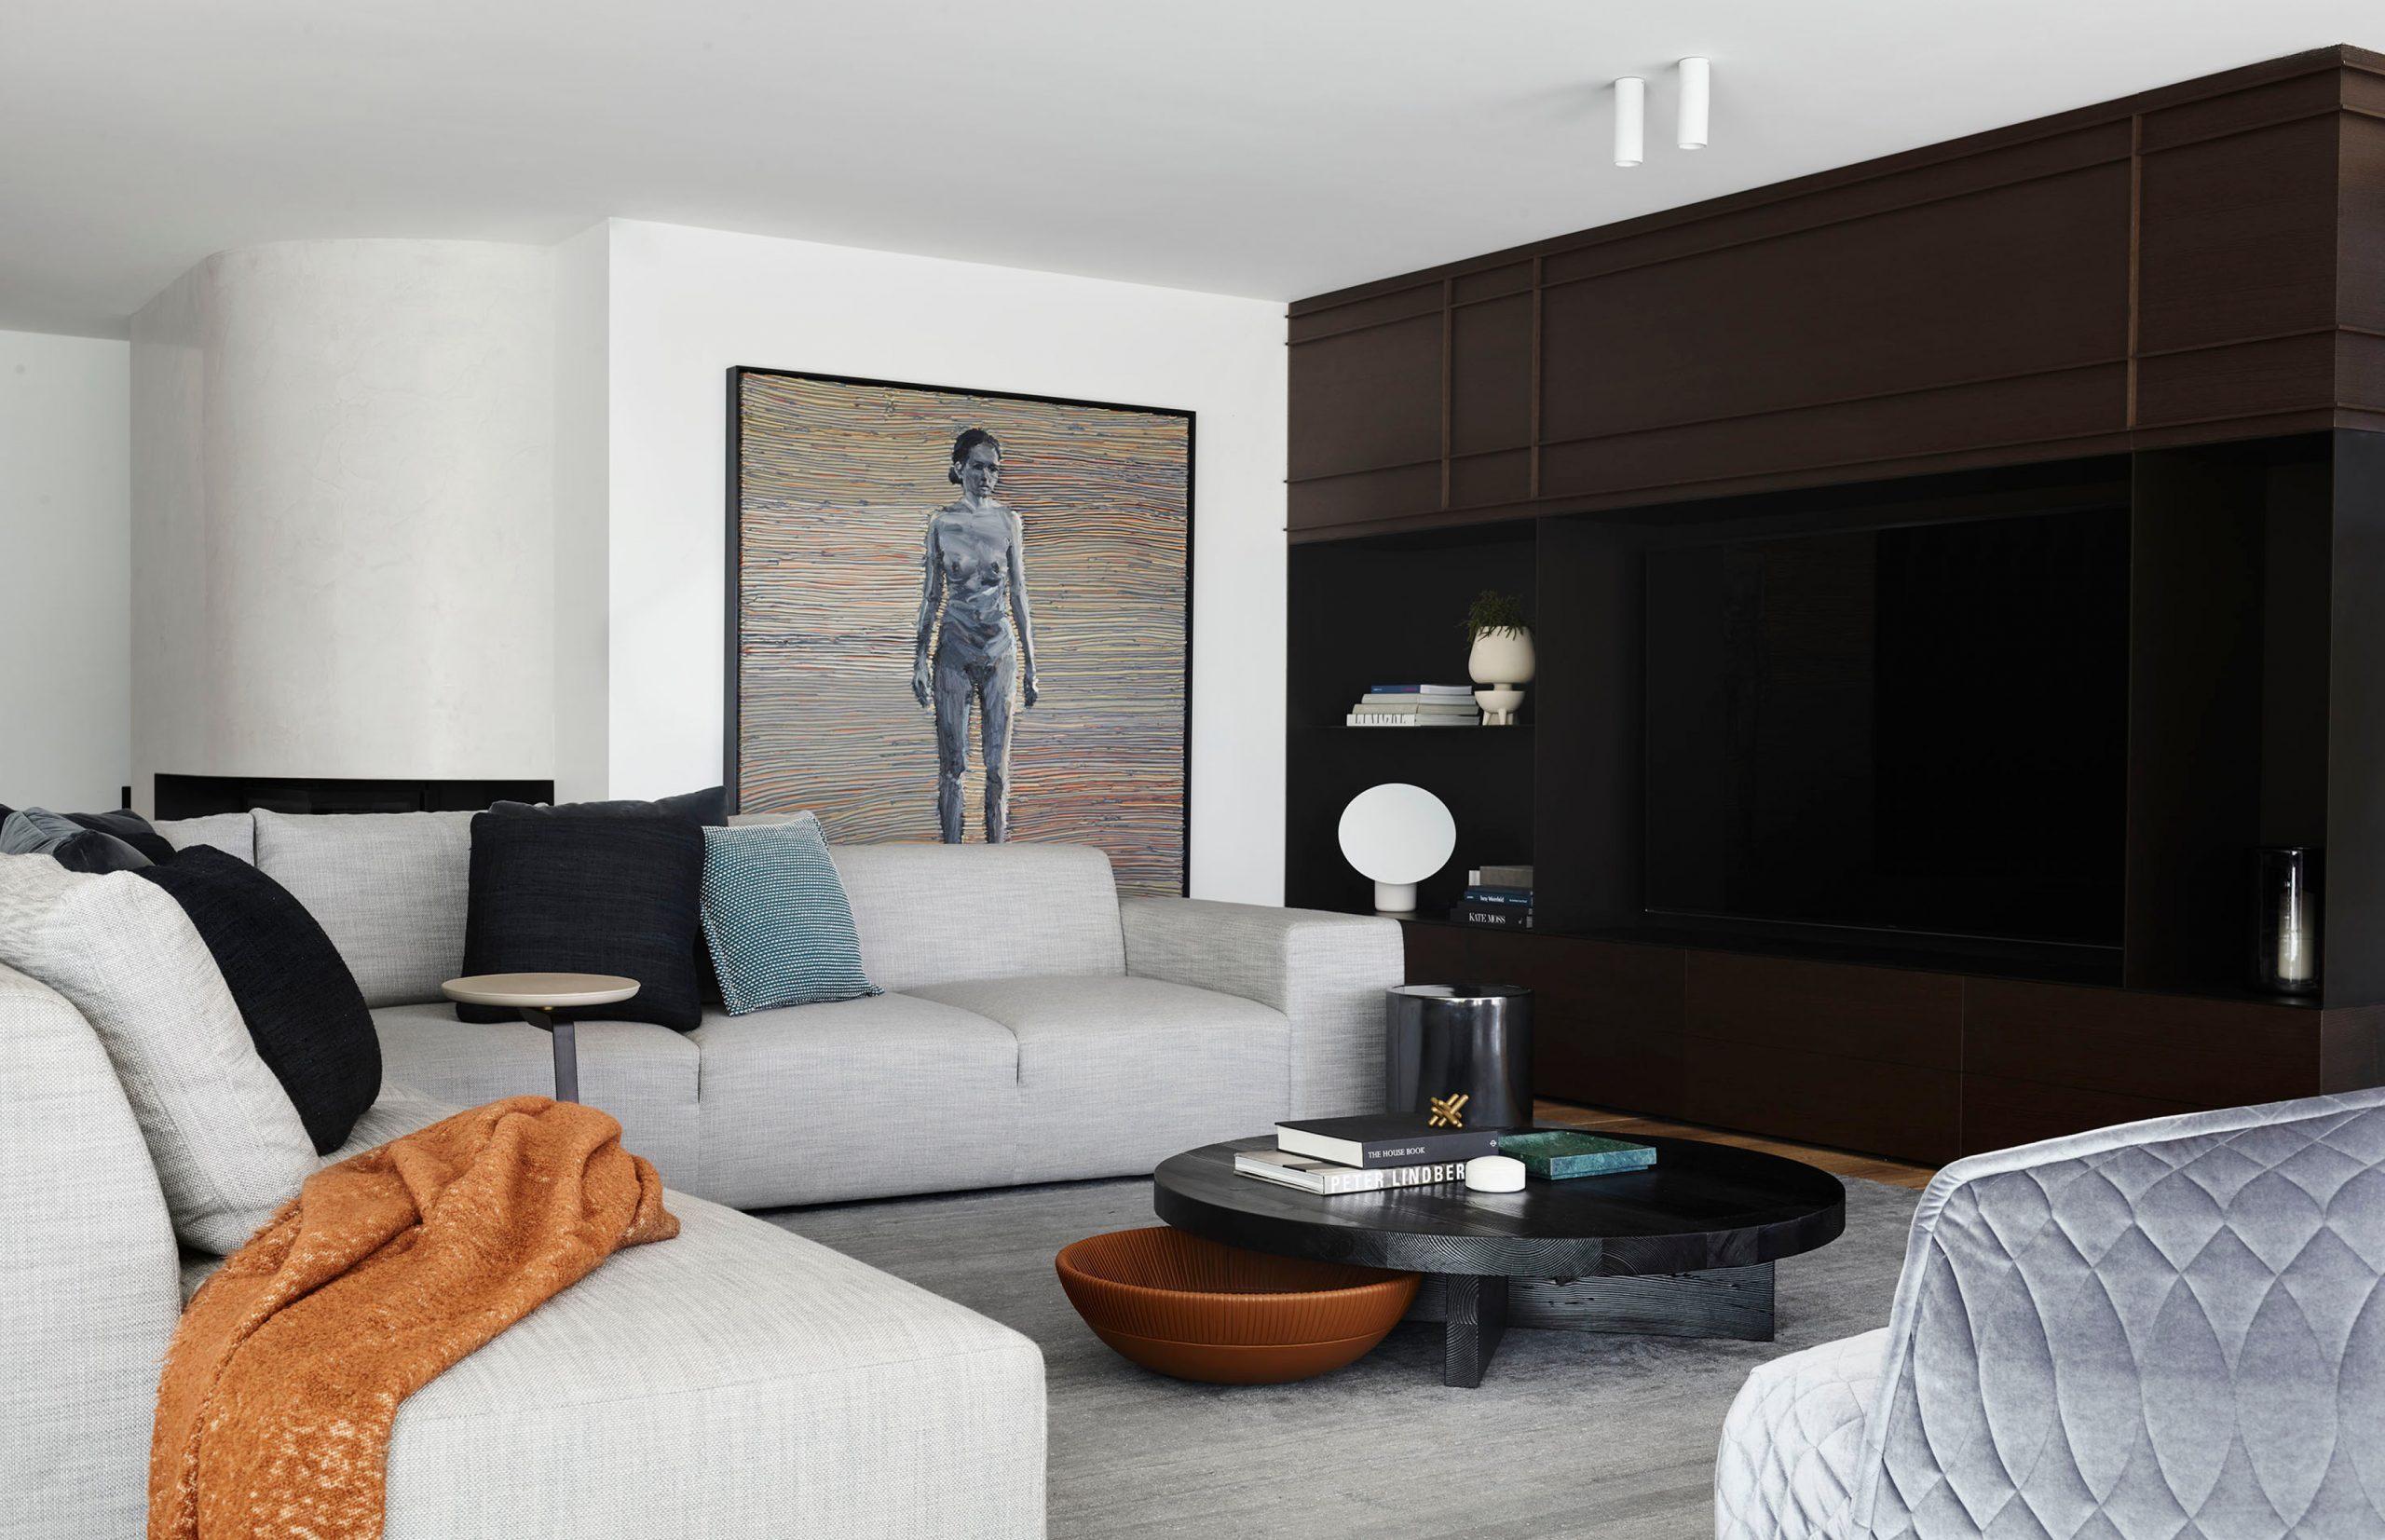 Living area & artwork